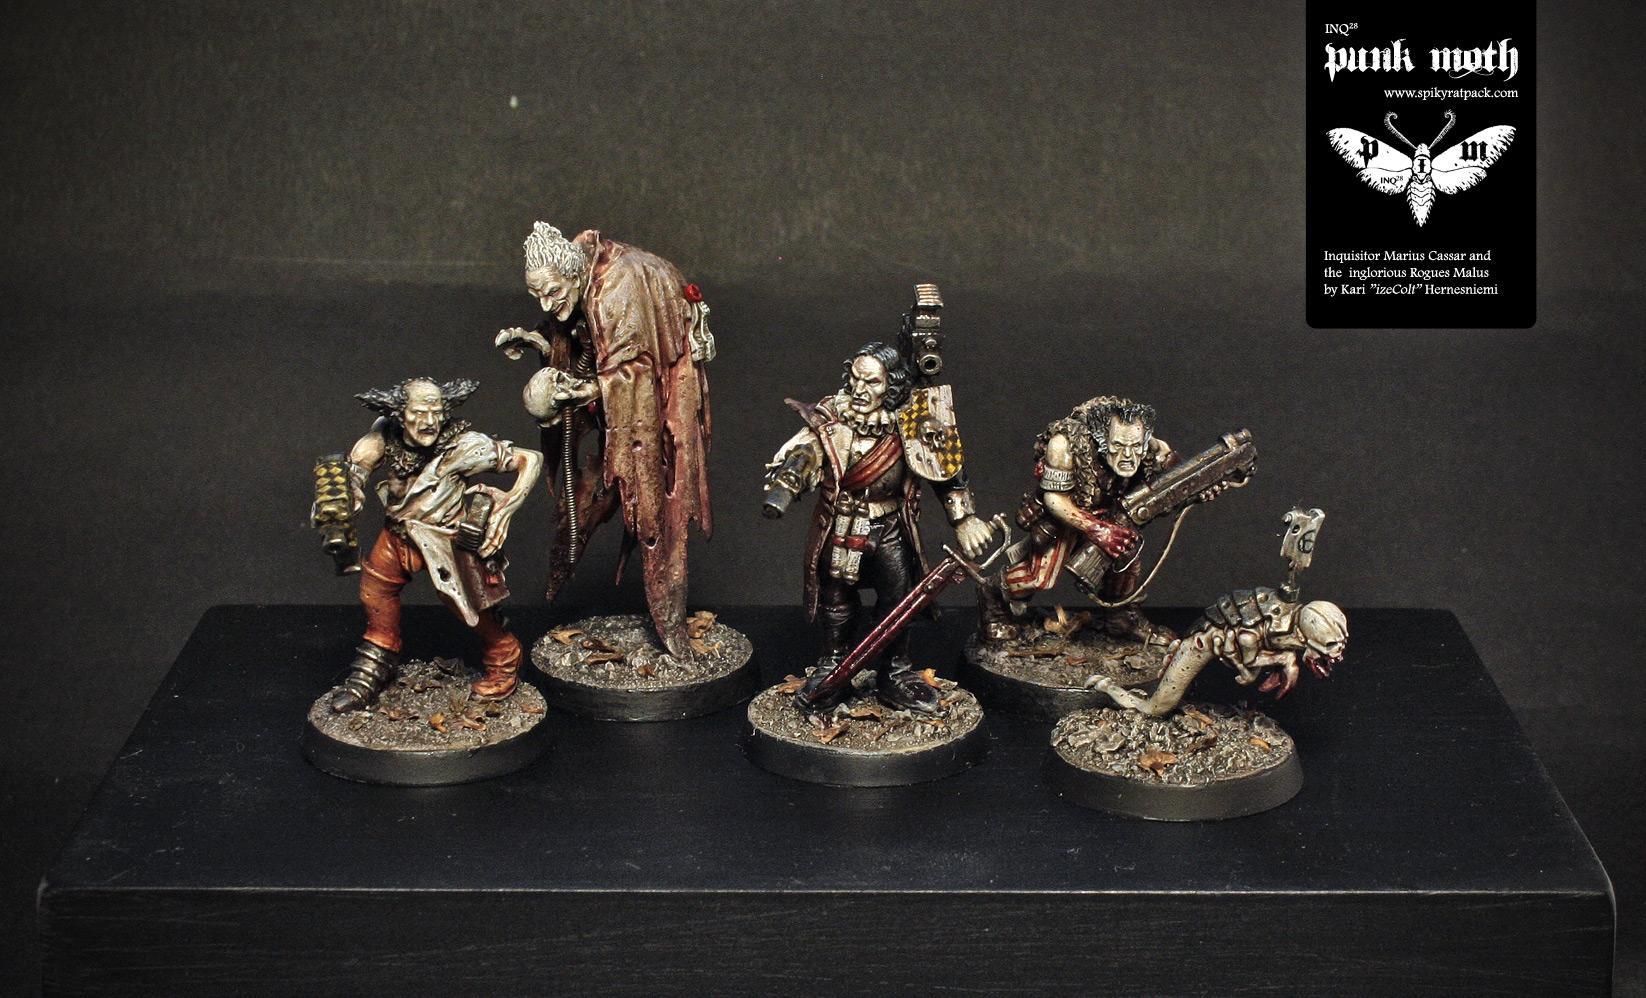 Inq28, Inquisitor, Spiky Rat Pack, Warhammer 40,000